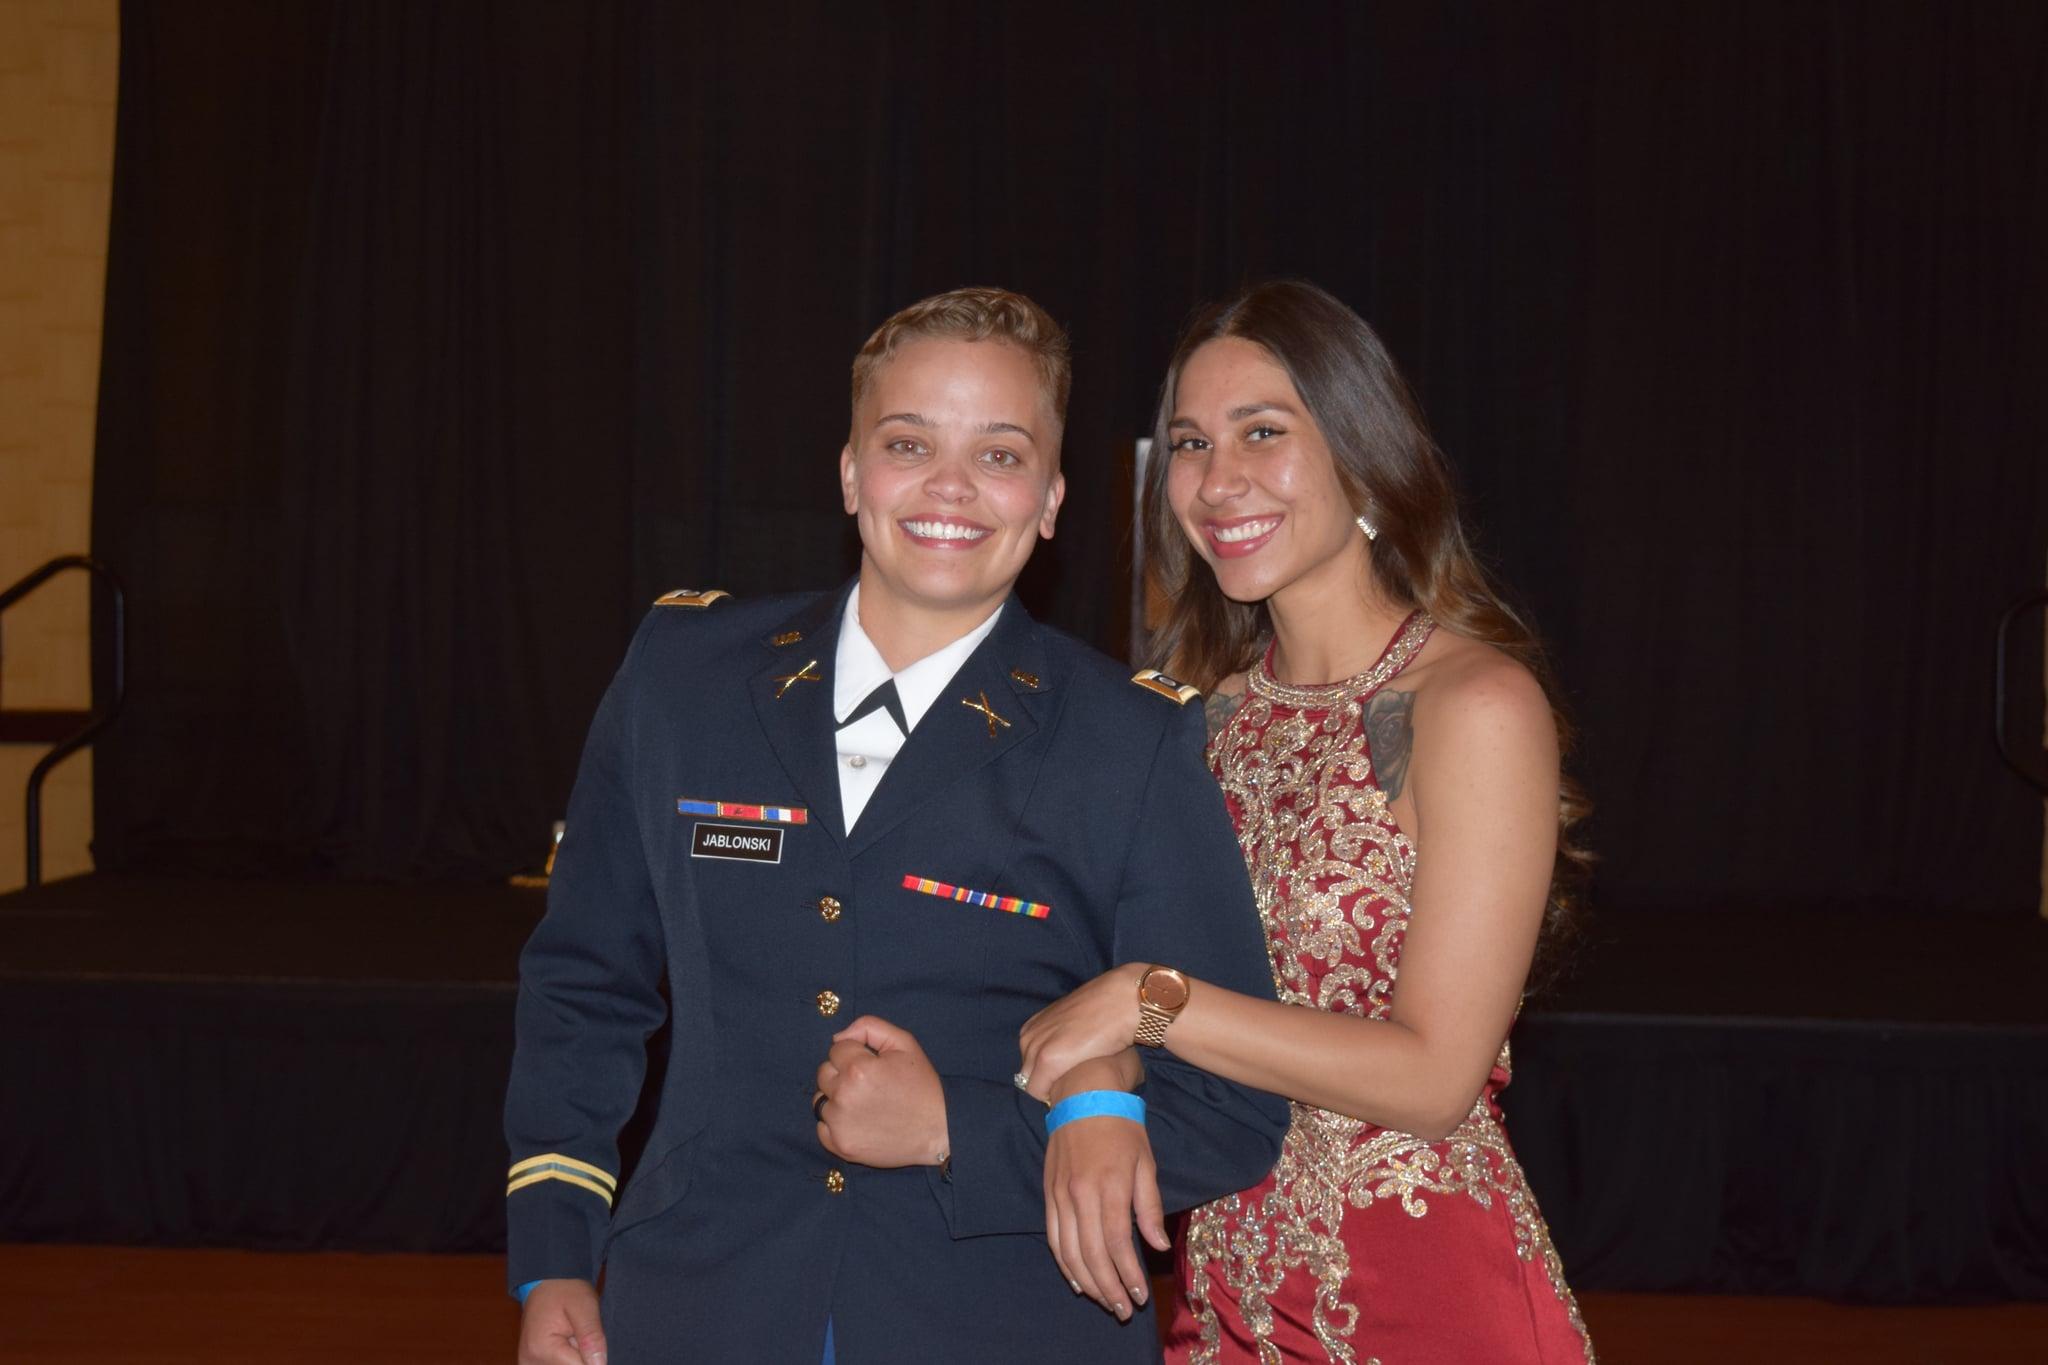 Cadet Jablonski and Guest / Caitlin Bell